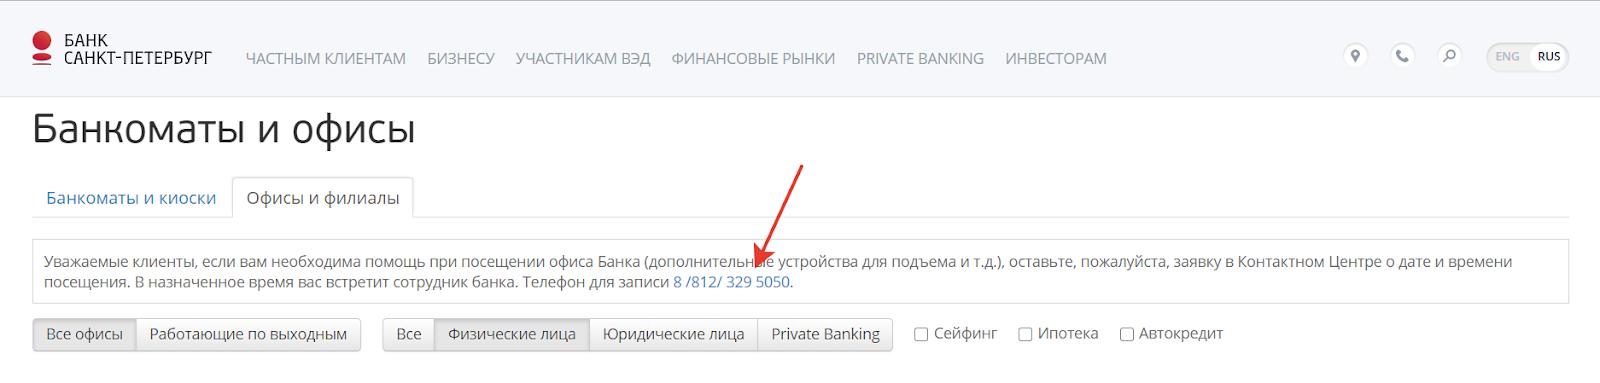 Записаться к сотруднику банка